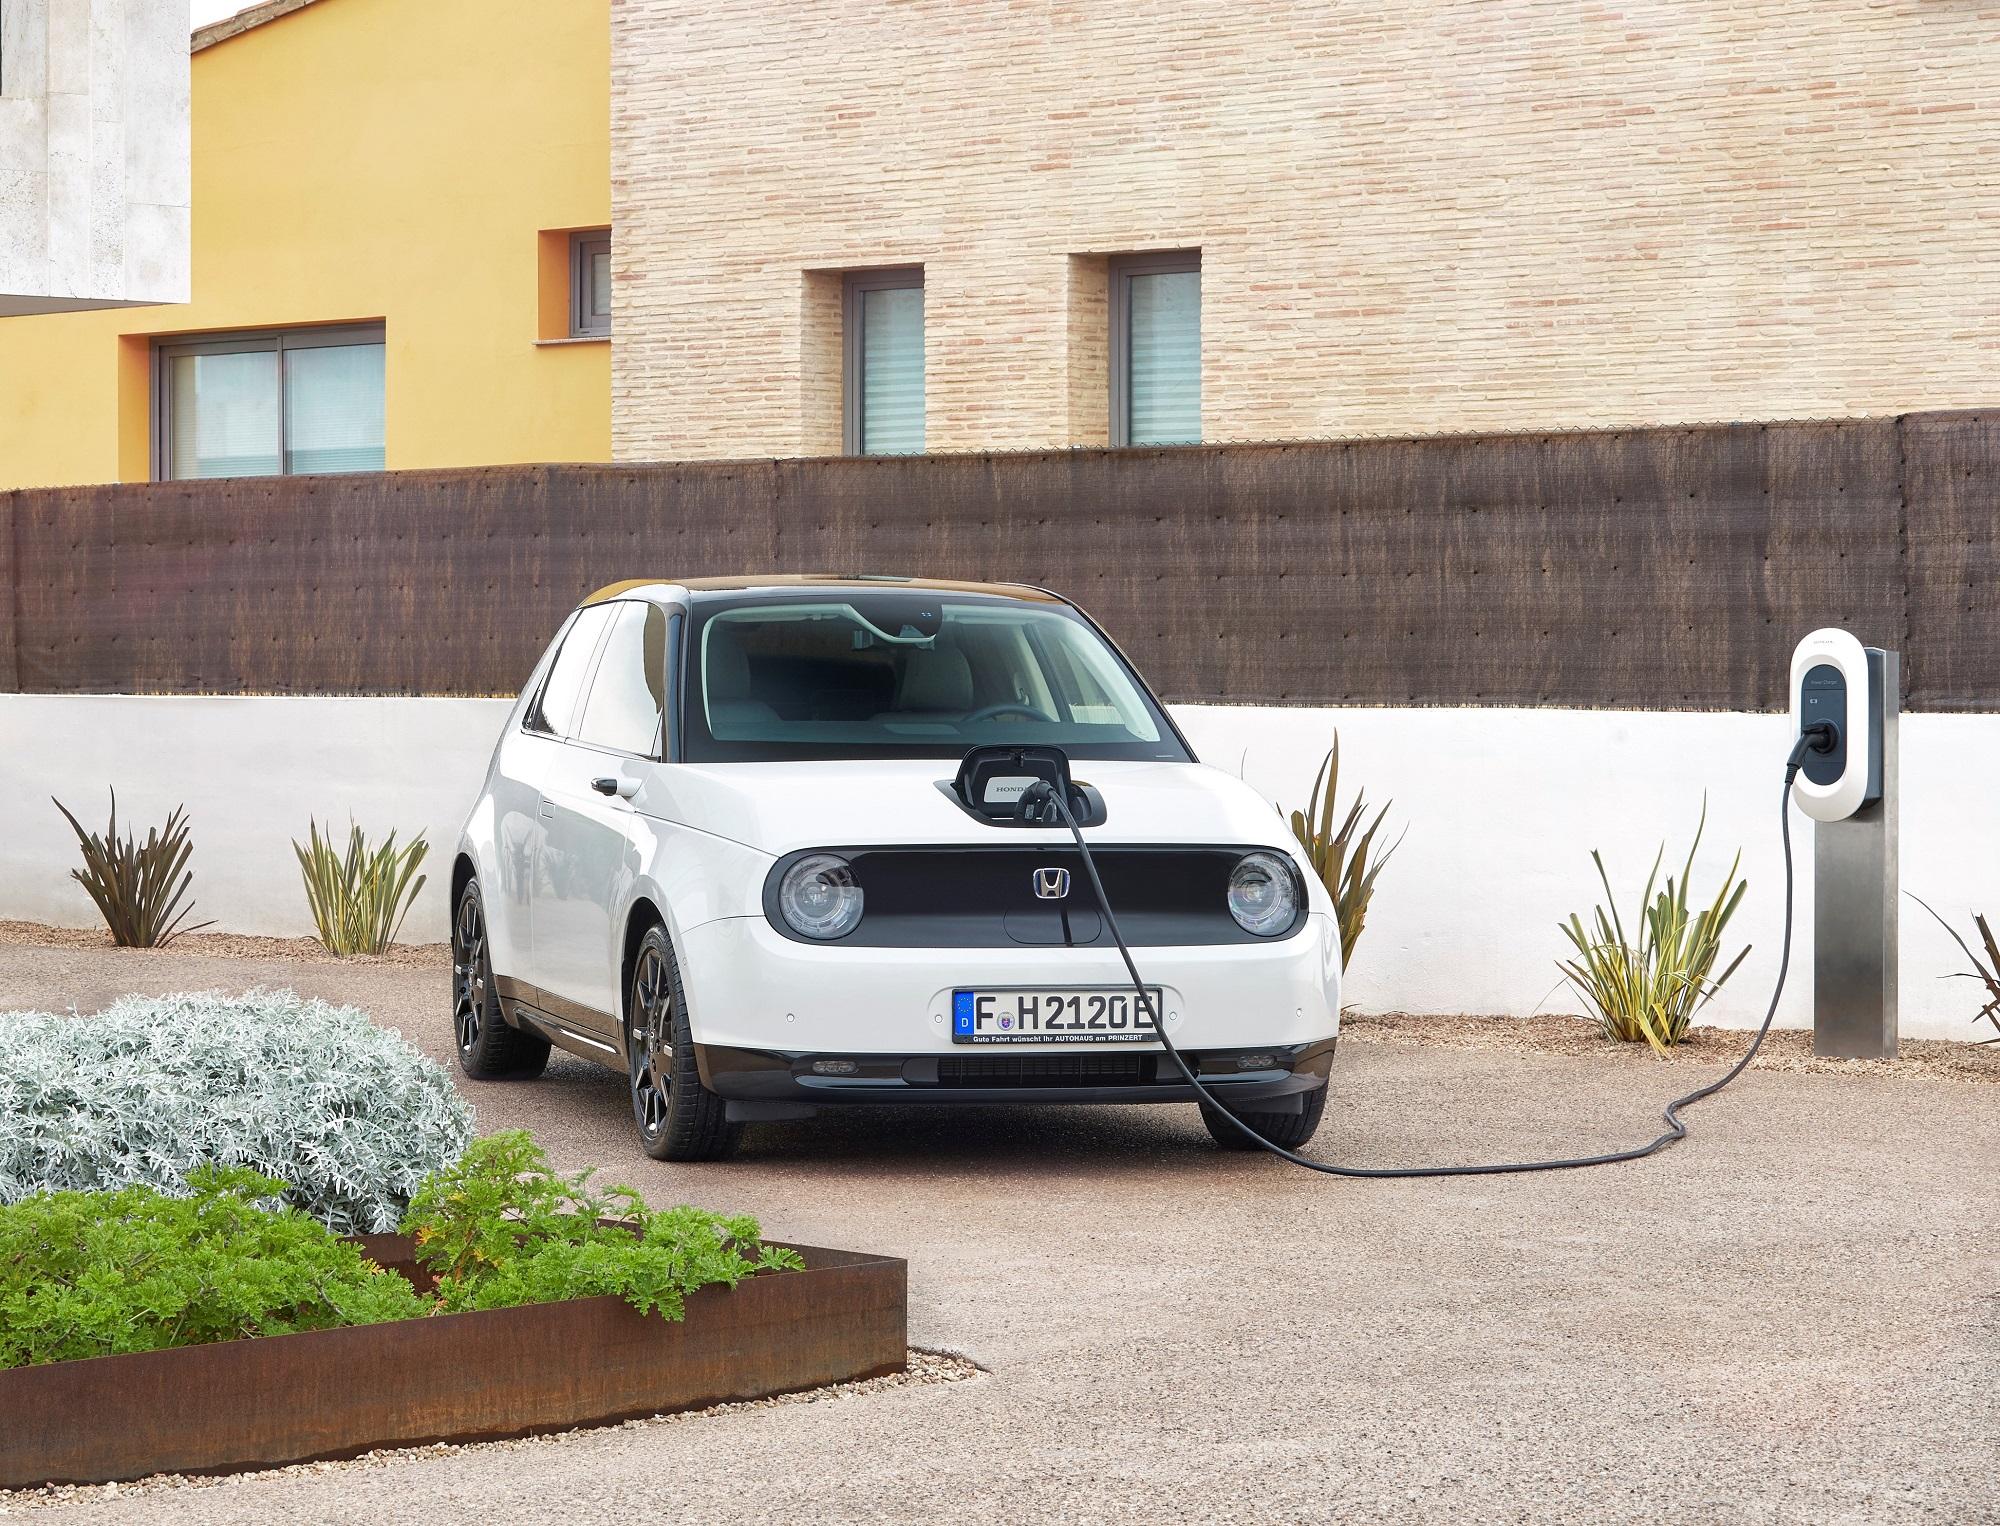 Za akých podmienok sme ochotní kúpiť elektromobil? Prieskum odpovedá jednoznačne